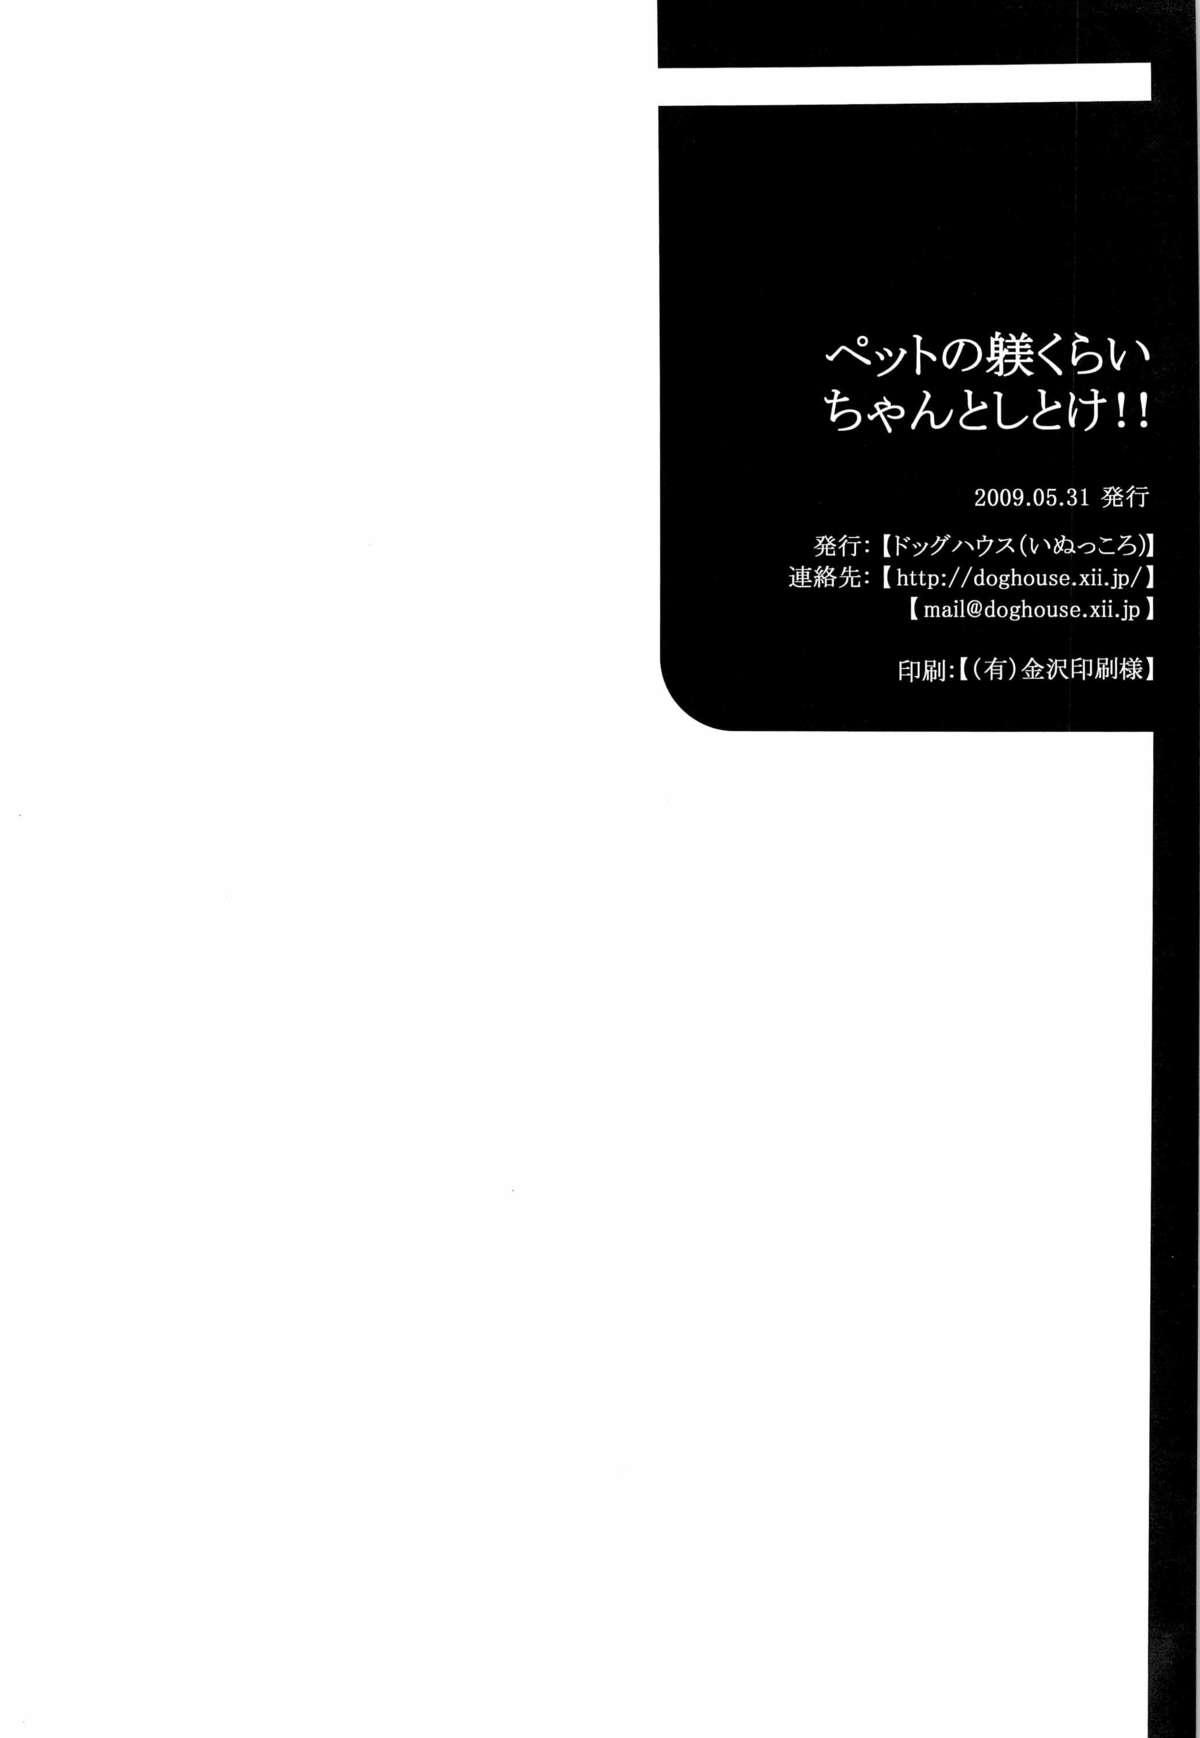 Pet no Shitsuke Kurai Chanto Shitoke! ! 33